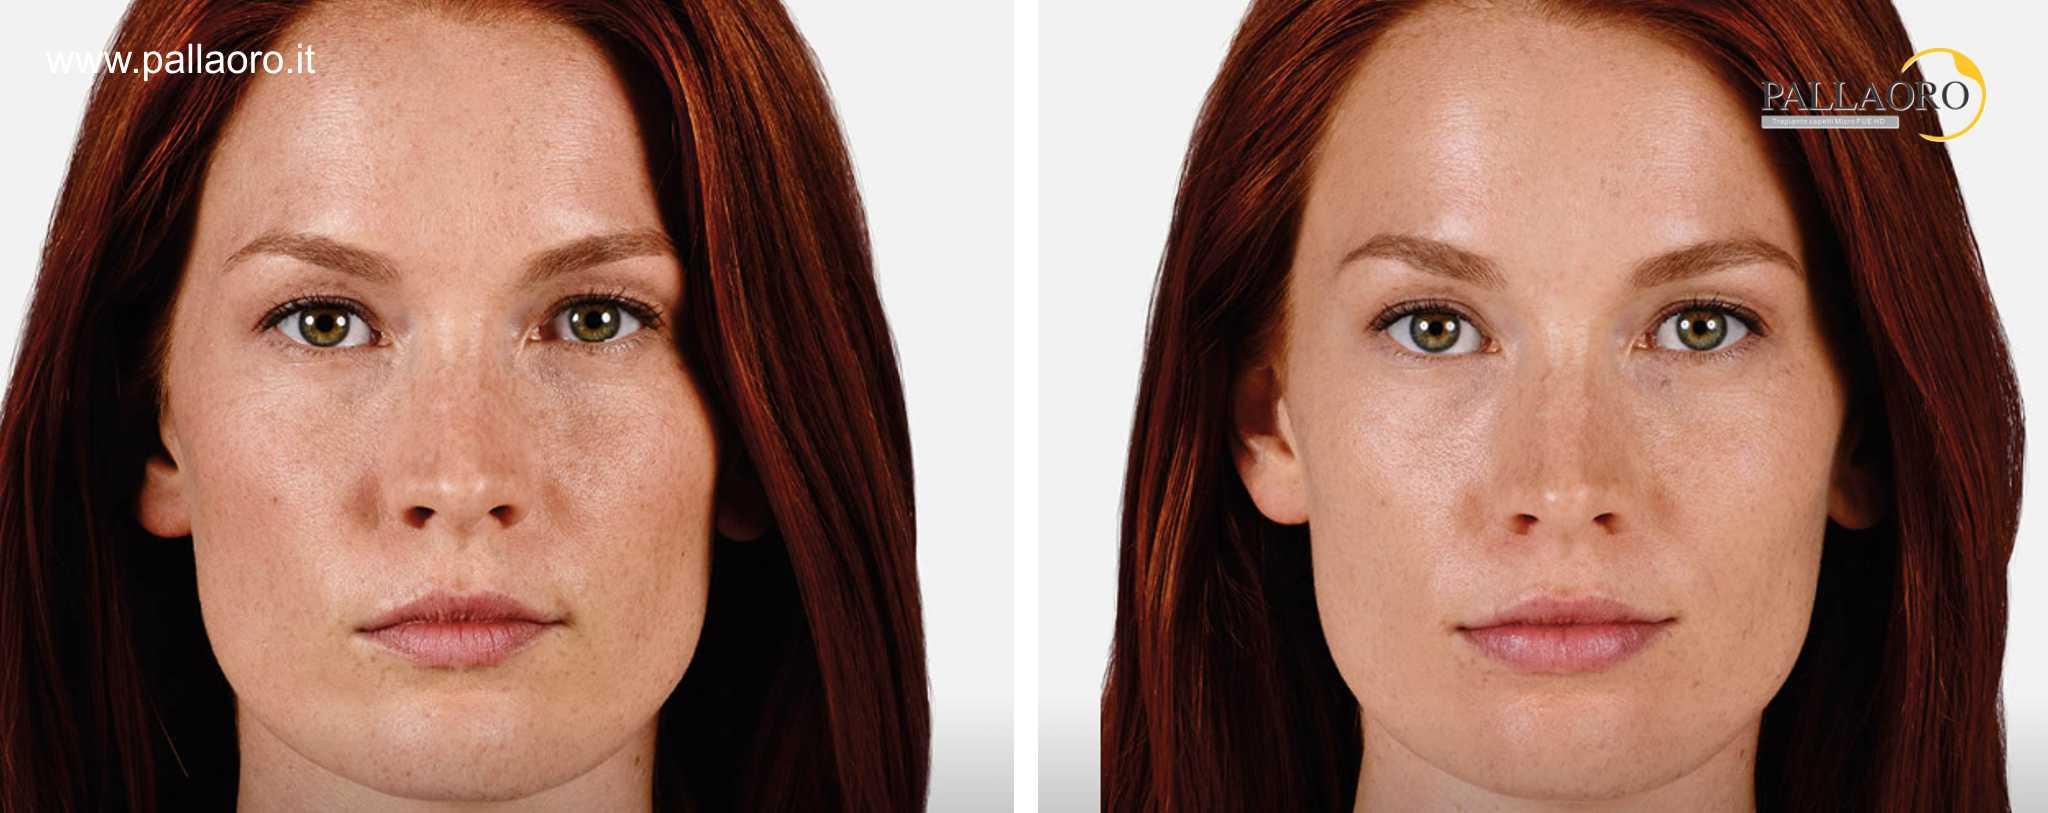 Chirurgia estetica labbra foto prima dopo 2